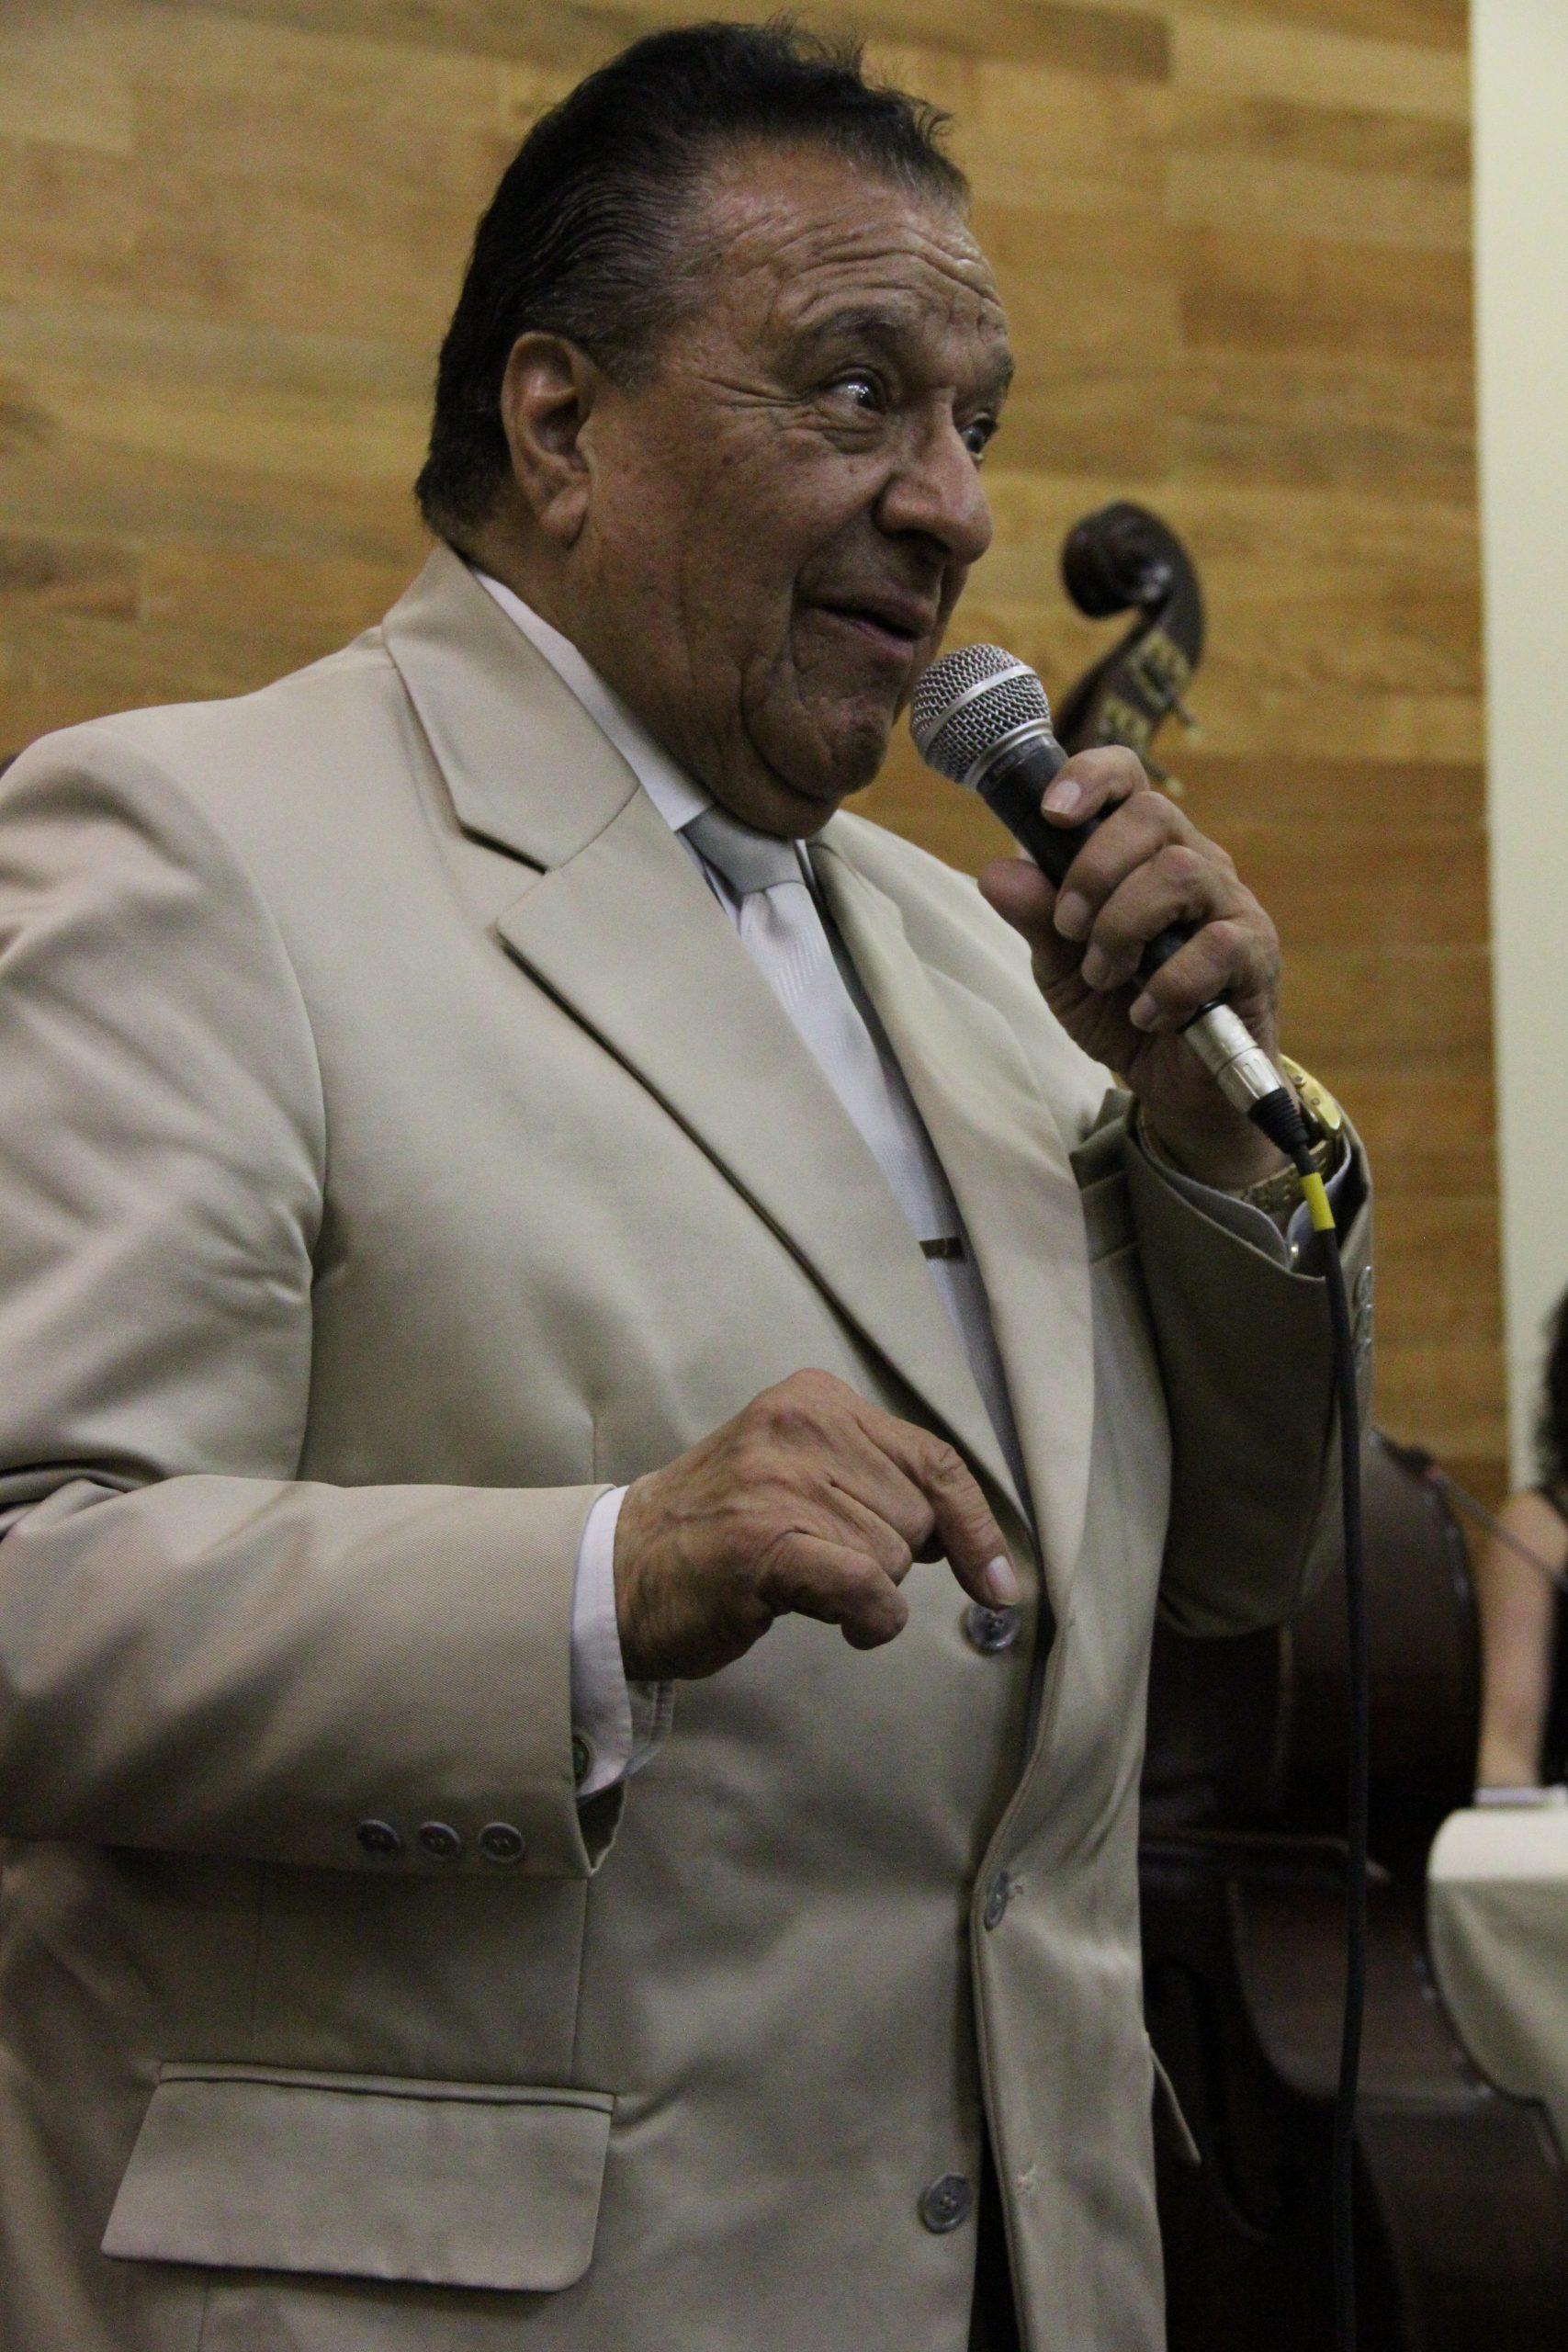 Programa radial sobre el cantor de tangos Manuel Fuentealba